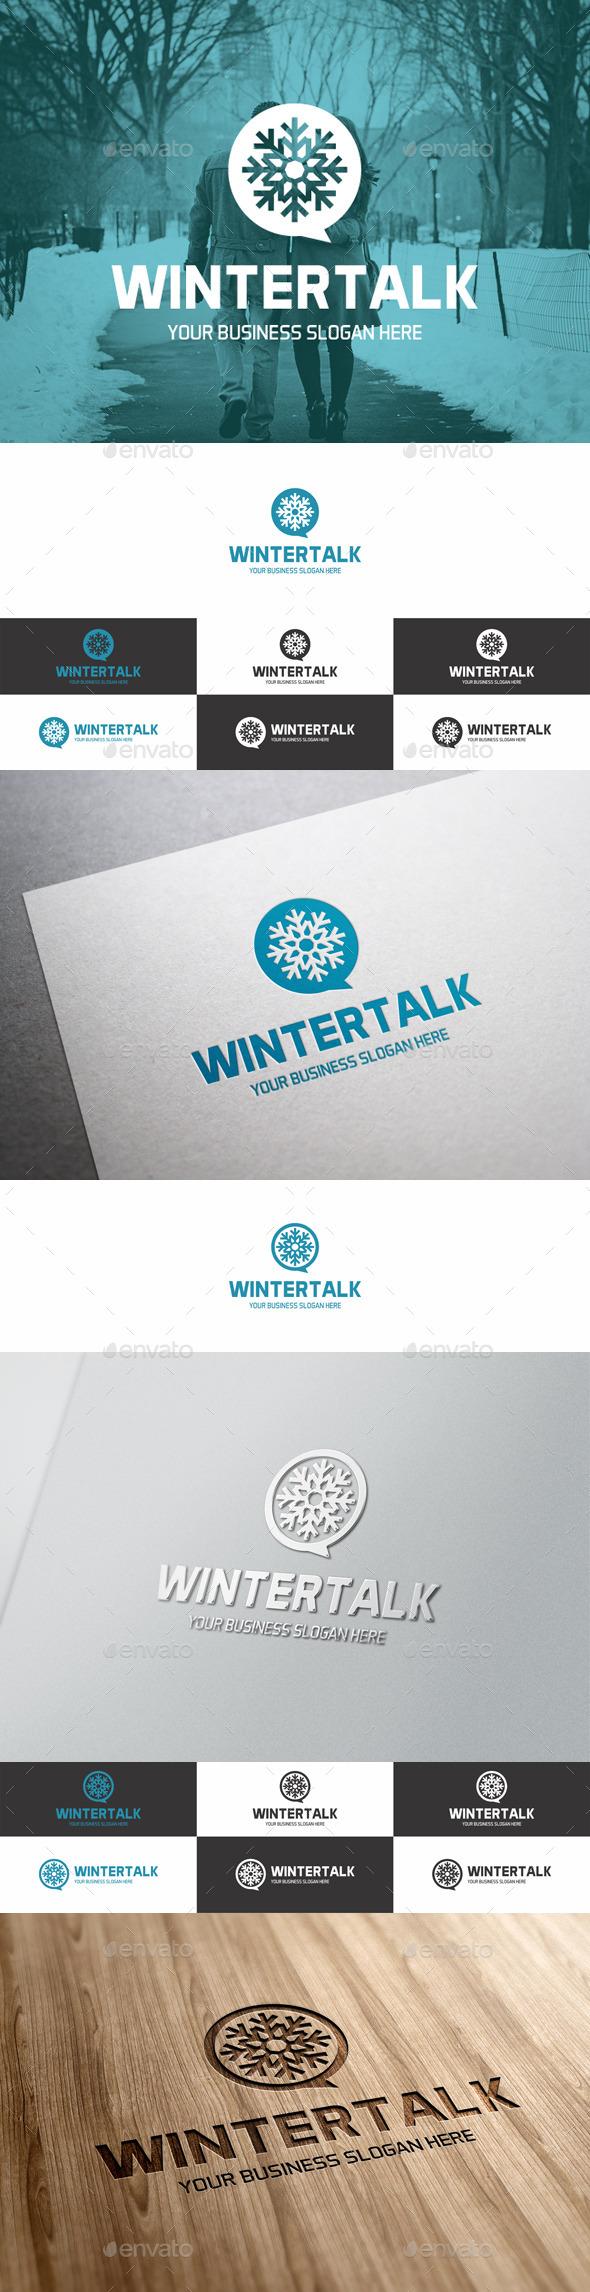 GraphicRiver Winter Talk Snowflake Logo 9666117